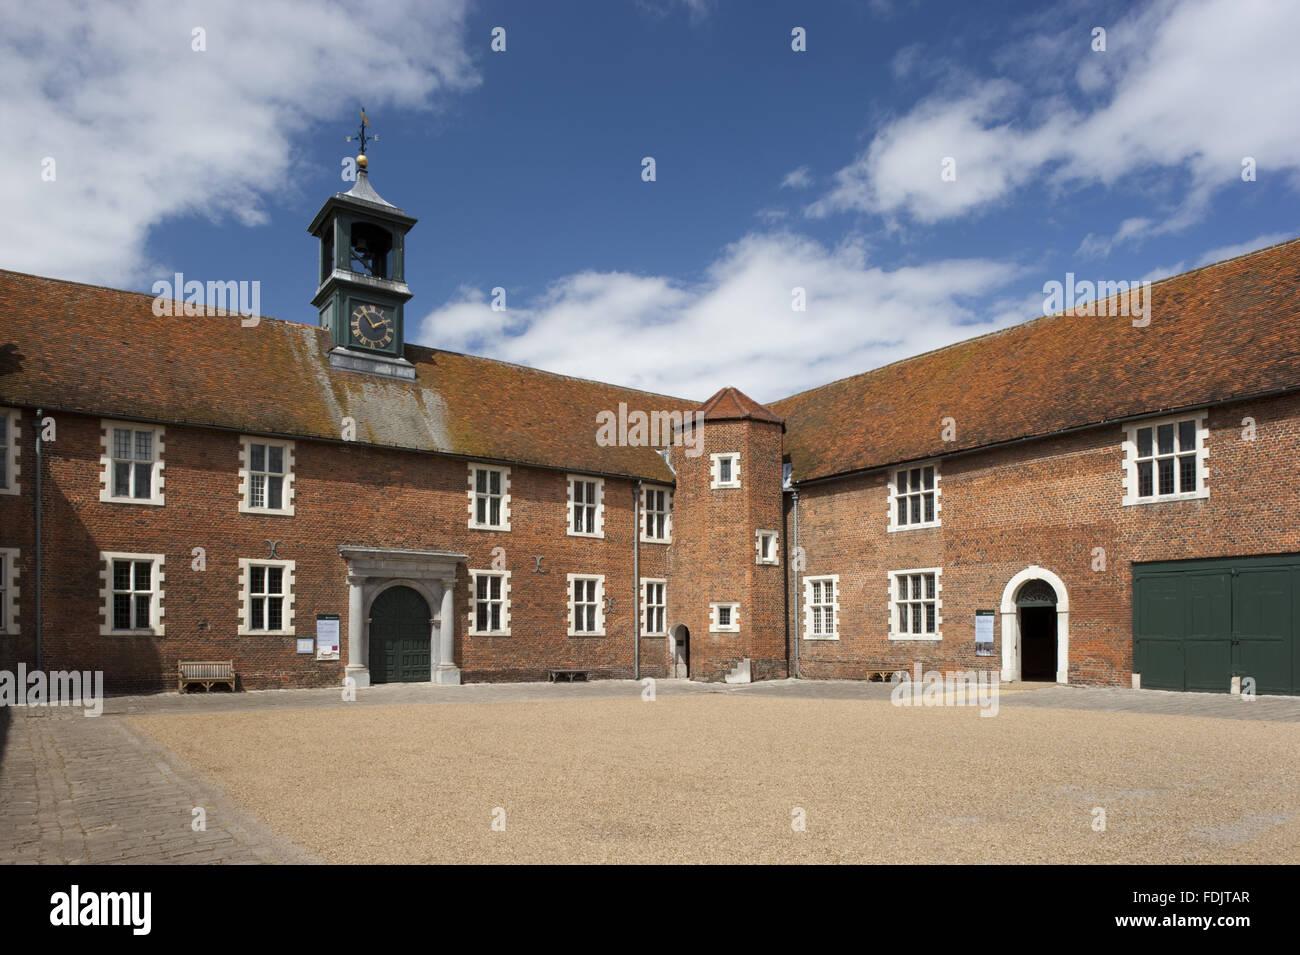 Die stabile Hof Osterley, Middlesex. Eine stabile gab es hier in der elisabethanischen Zeit, aber die heutigen Gebäude Stockbild